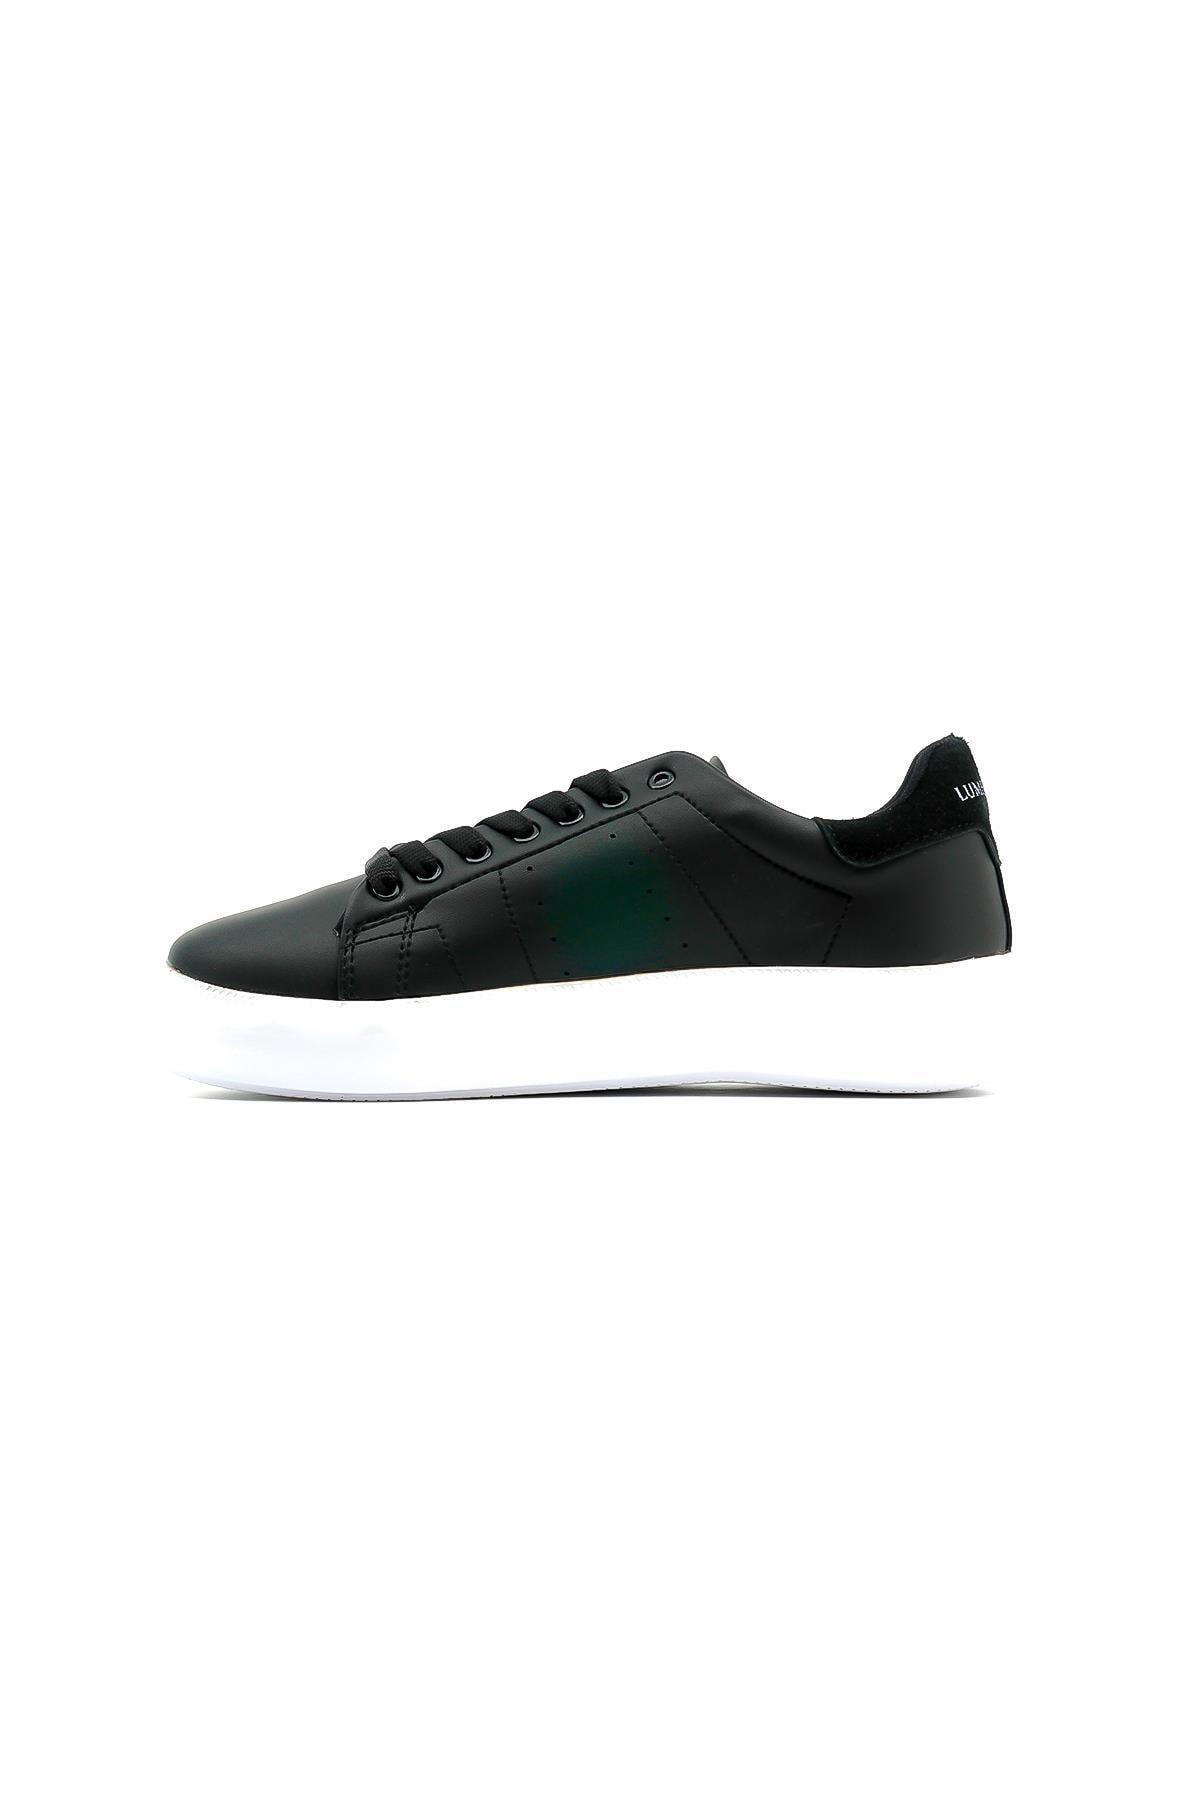 lumberjack Kadın Siyah Spor Ayakkabı 20y Sophıan Pu Z 2